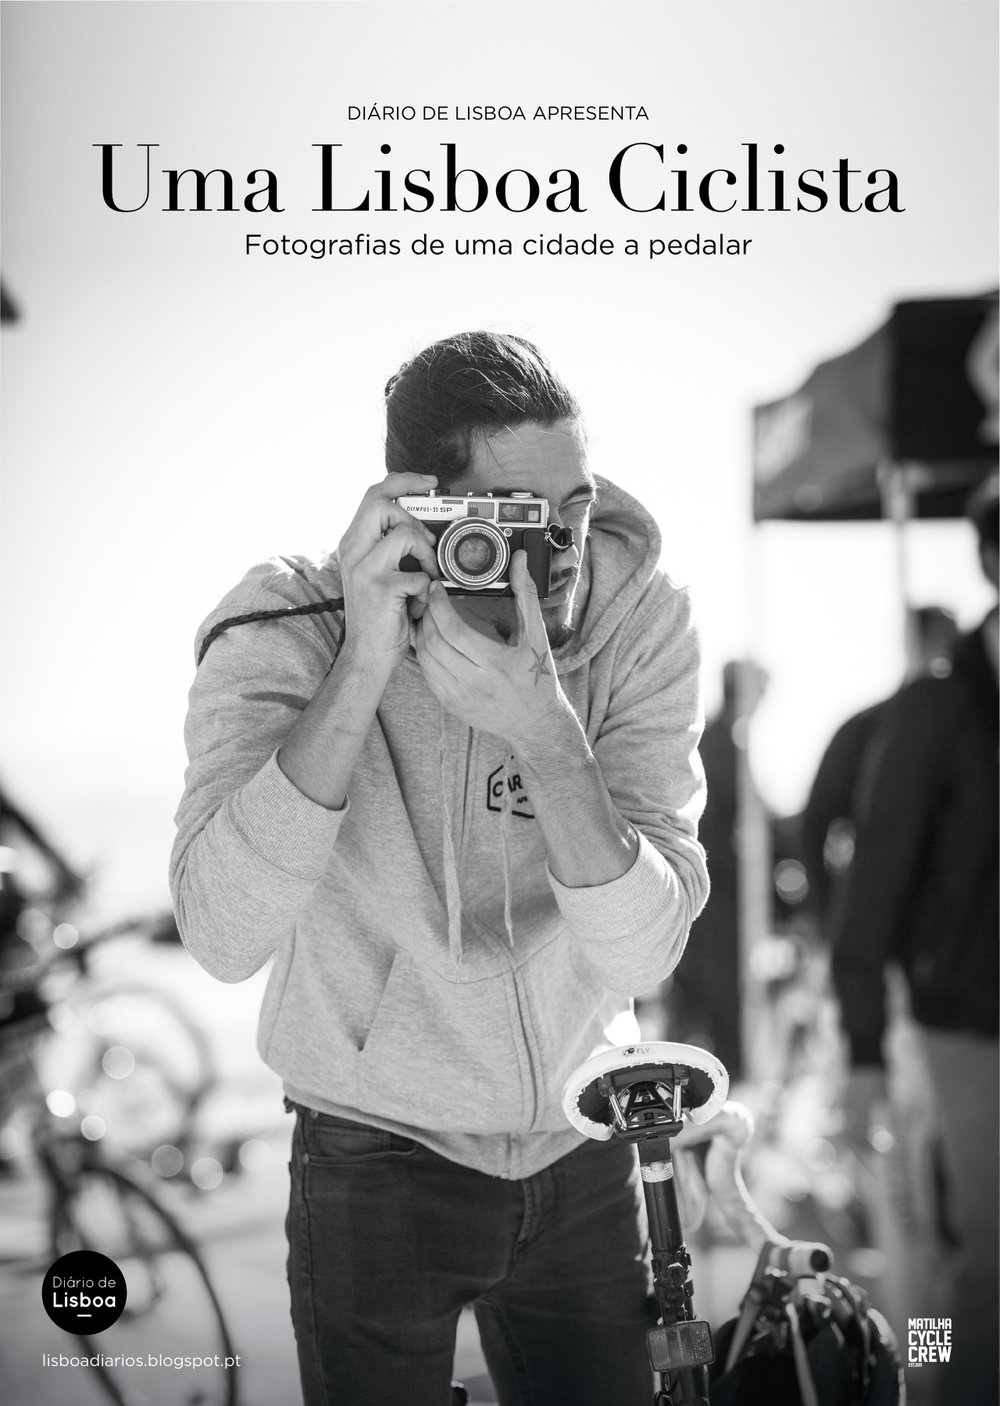 """Através destas fotografias é possível testemunhar a evolução da bicicleta em contexto urbano em Lisboa. Em 2014 foi-lhe atribuído """"Prémio Nacional de Mobilidade em Bicicleta """"Este prémio anual é promovido pela Federação Portuguesa de Cicloturismo e Utilizadores de Bicicleta (FPCUB) uma instituição que desde 1987 tanto tem feito pela promoção da bicicleta no nosso País.  Desde o inicio, já lá vão 10 anos, que no blogue """"Diário de Lisboa"""" e posteriormente no """"Uma Lisboa Ciclista"""", venho publicando fotografias de pessoas com bicicletas nas ruas de Lisboa. Este conjunto de fotografias deu origem a uma exposição que inaugurou no Vélocité Café e que entretanto já passou pelo XI Congresso Ibérico """"A Bicicleta e a Cidade"""", pelos corredores da Assembleia da República Portuguesa, pela sede da ANSR (Autoridade Nacional de Segurança Rodoviária) , pela a Agencia Portuguesa de Ambiente , pelo Ministério do Ambiente, pelo parque Ecológico de Gaia e por diversos Municípios do País.  Agradecimentos: A todos os fotografados, aos que cujas fotografias participaram na exposição e também aos que por motivos de espaço não foi possível colocar. Ao João Camolas e ao Rui Amador do Vélocité Café que inicialmente me desafiaram para fazer esta exposição, e às instituições que mostraram interesse em expor. Á Matilha Cycle Crew e à Magnésio design por toda a paciência e trabalho. Á FPCUB um agradecimento muito especial pela distinção e pelo enorme apoio dado na divulgação desta exposição.  A todos que de alguma forma têm contribuído para este blogue, agora chamado Lisbon Cycling e para a realização deste projecto que visa a promoção da utilização da bicicleta em Lisboa e no Mundo.  Muito obrigado.  AL  EXHIBITION """"LISBON CYCLIST""""  Through these photographs it is possible to witness the evolution of the bicycle in an urban context in Lisbon. In 2014 the exhibition was awarded the """"National Bicycle Mobility Award""""This annual prize is promoted by the Portuguese Cycling Federation and Bicycle Users """